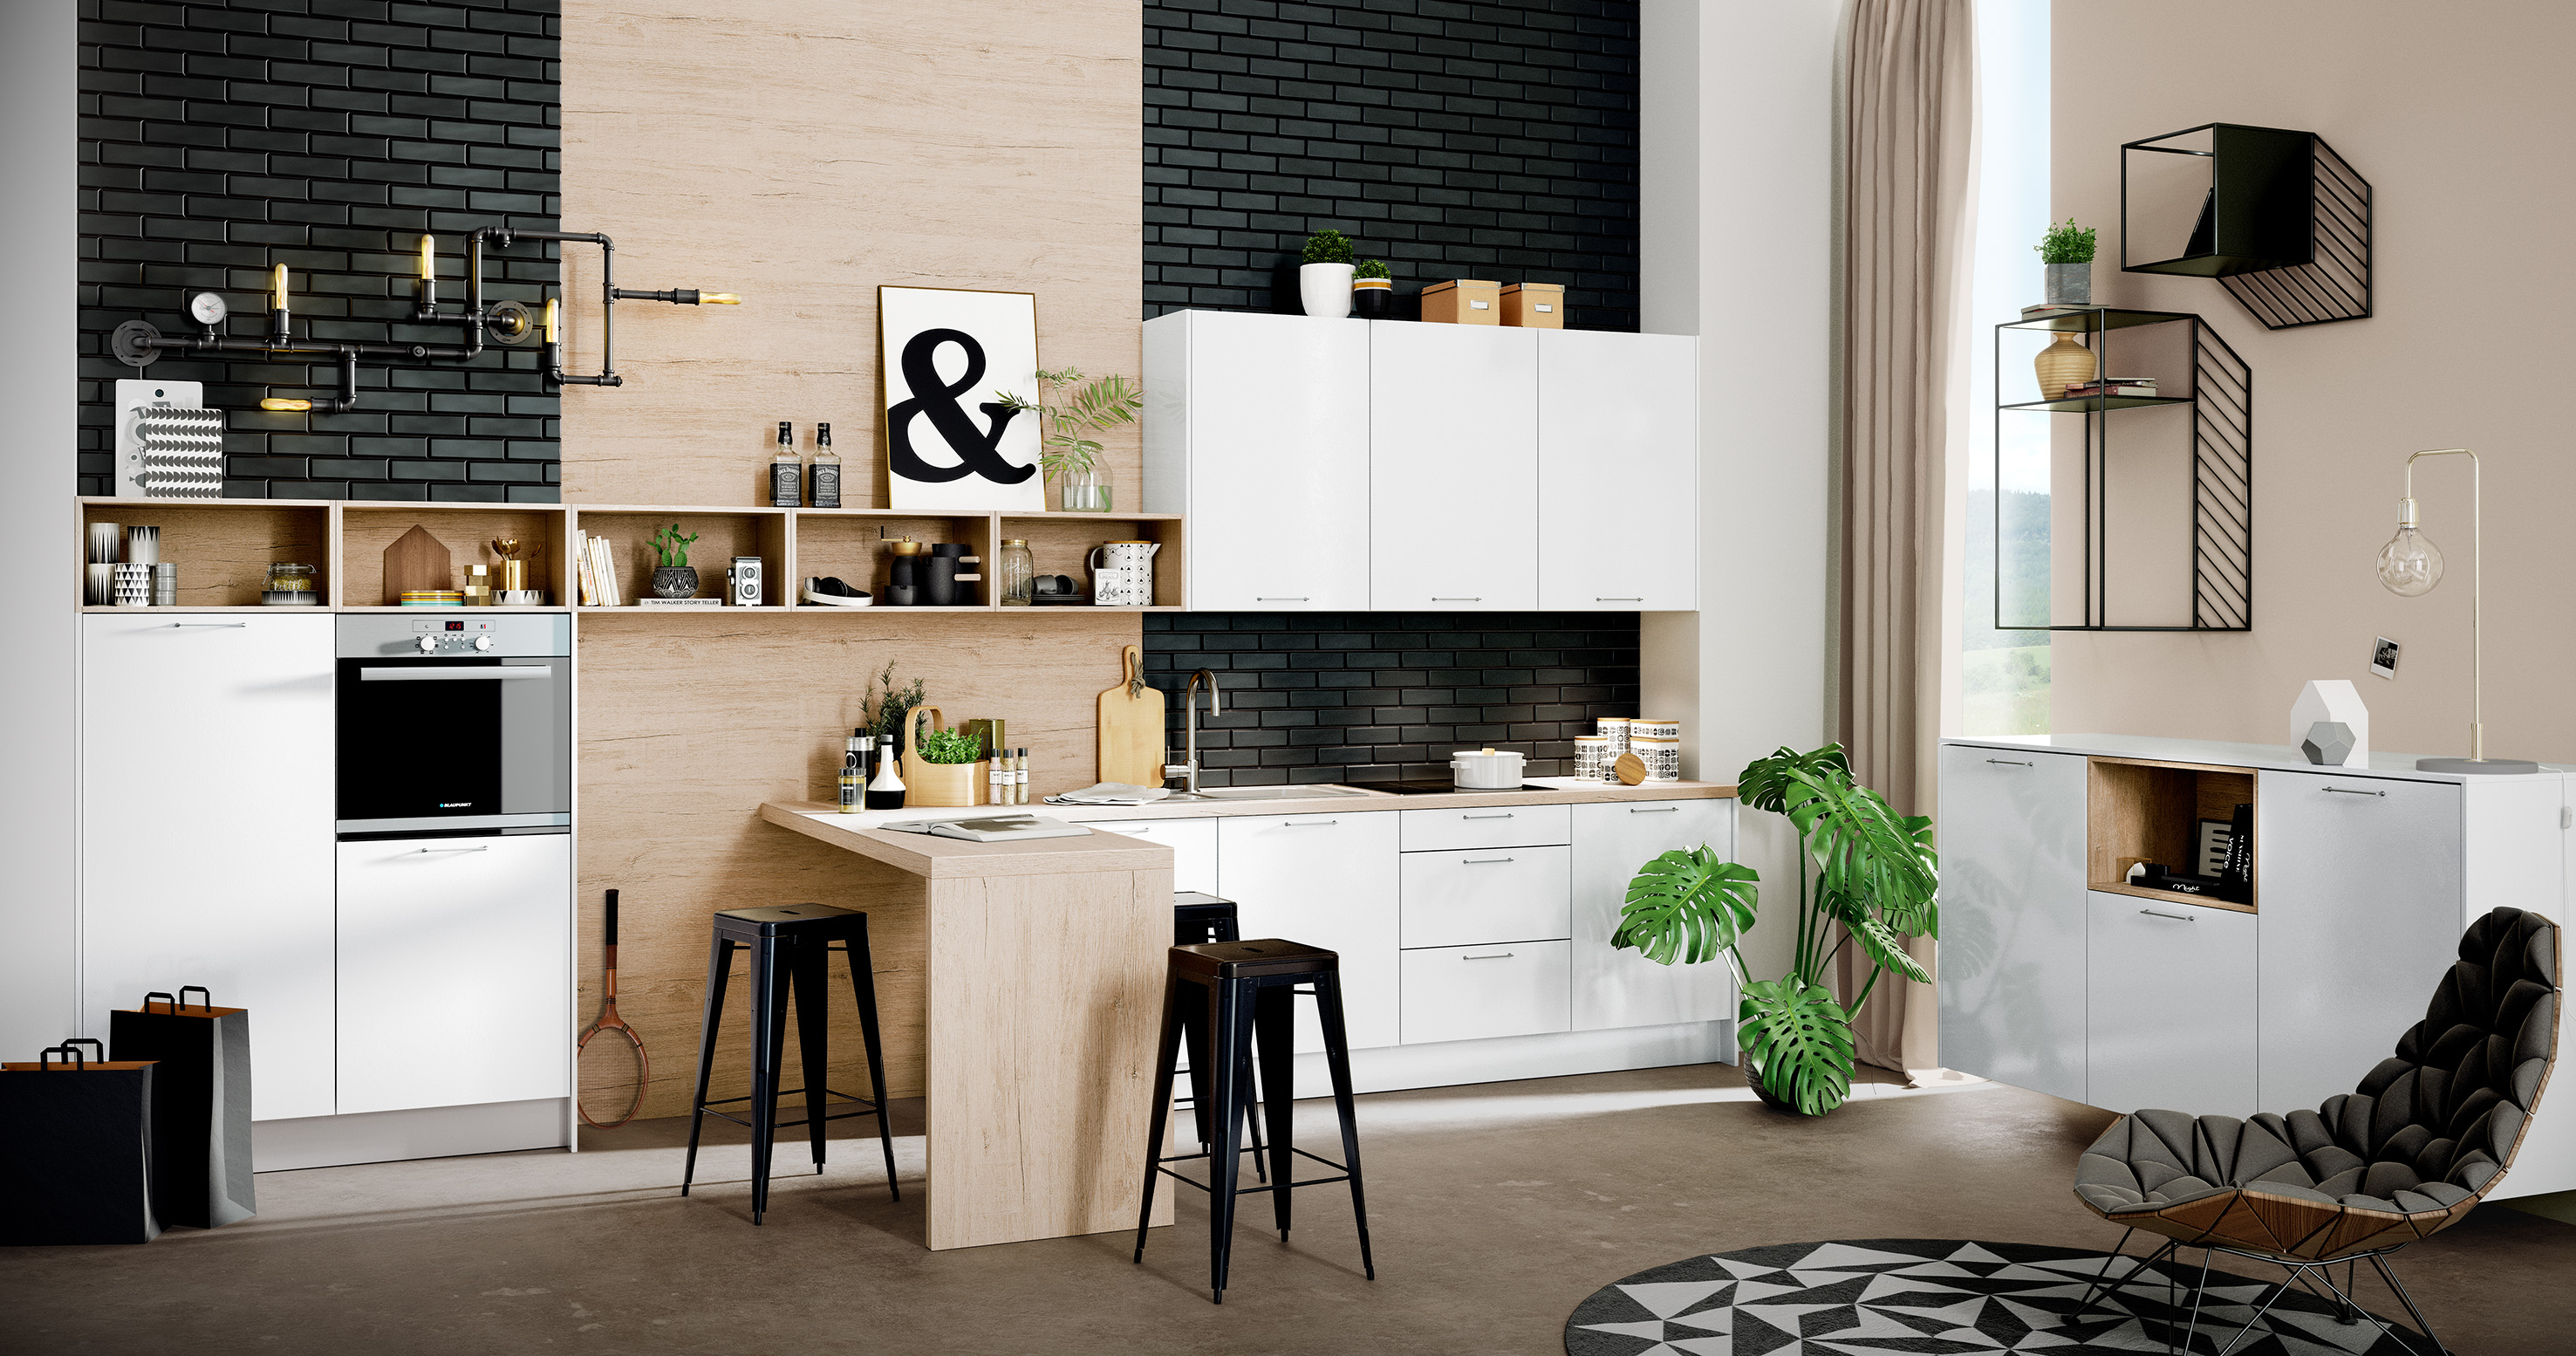 Küchenrückwände - Highlights für die Nische - Küche&Co